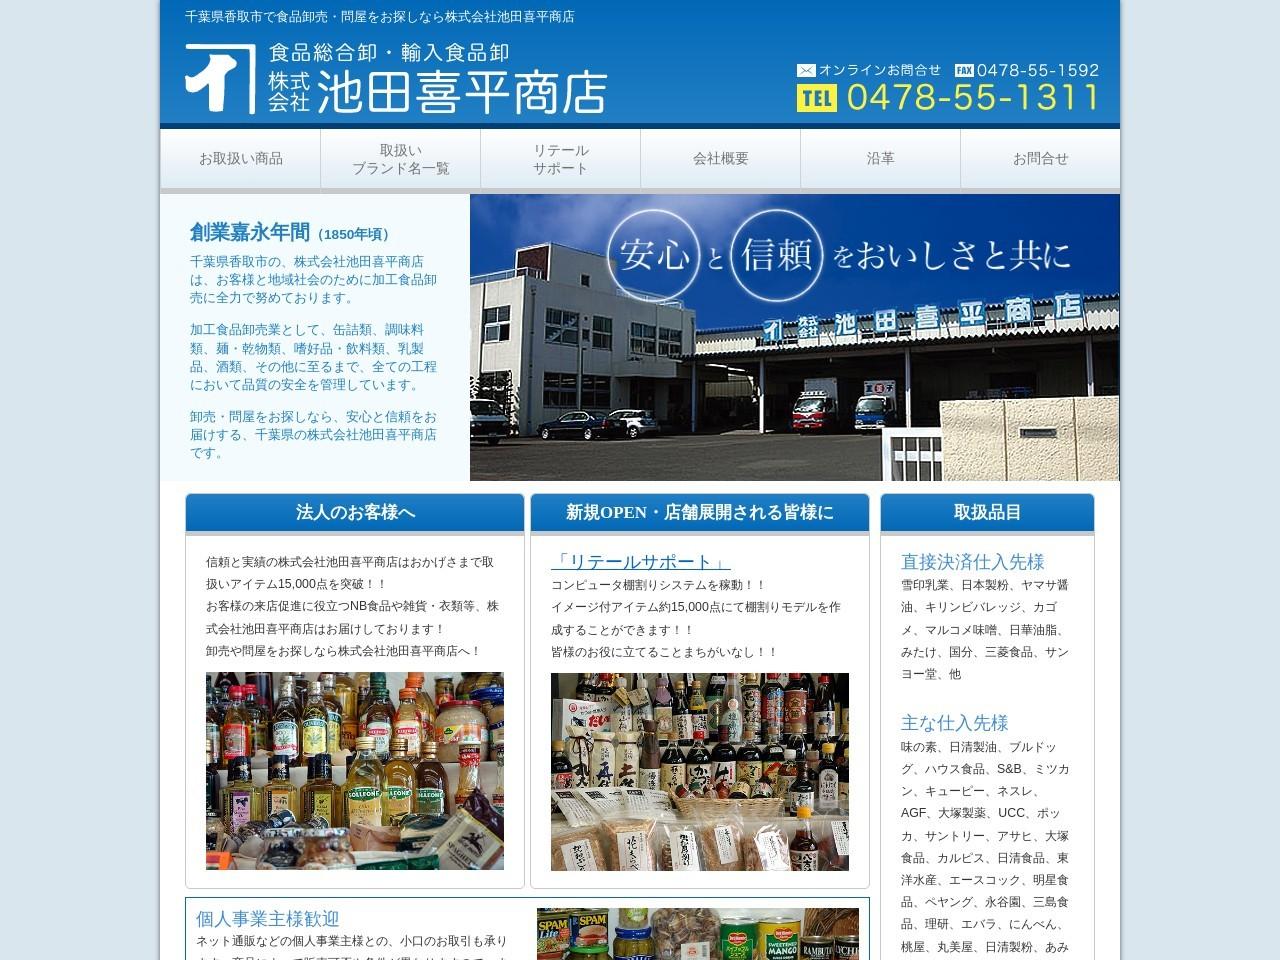 株式会社池田喜平商店